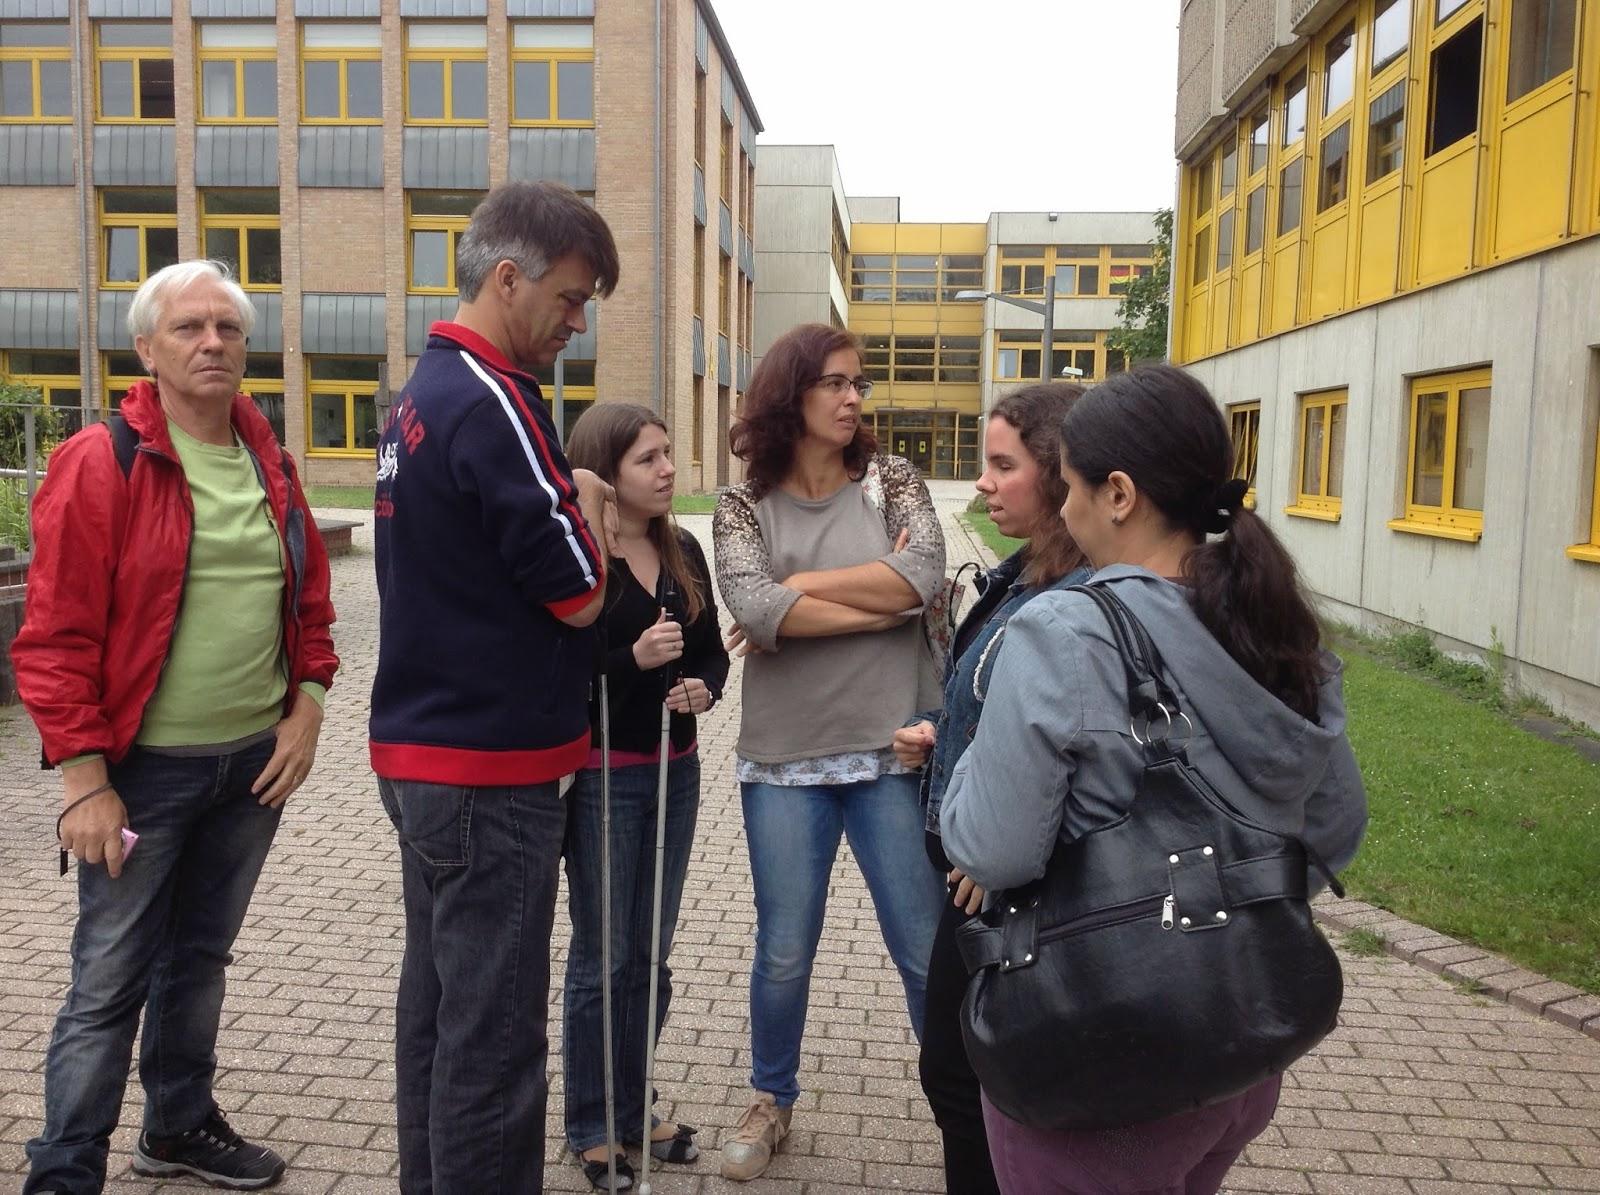 Fotografia dos participantes e acompanhantes dentro do BFW a iniciar o dia de trabalho! Säo 7h na hora portuguesa!